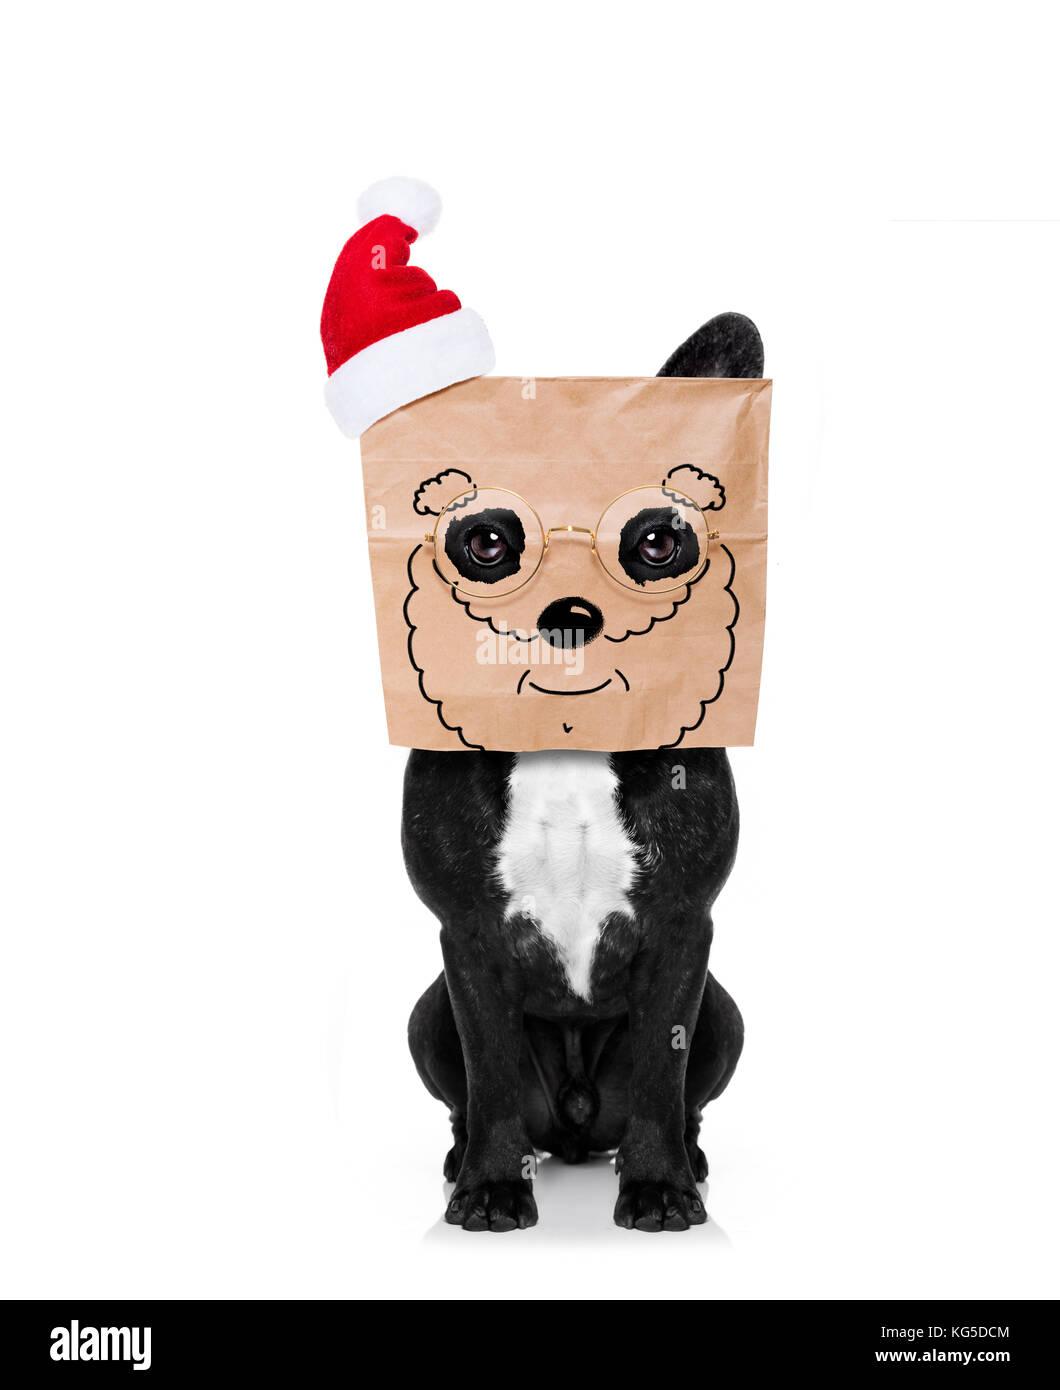 Santa claus Hund, versteckt hinter einer Papiertüte auf dem Kopf, auf weißem Hintergrund, auf Weihnachten, Stockbild